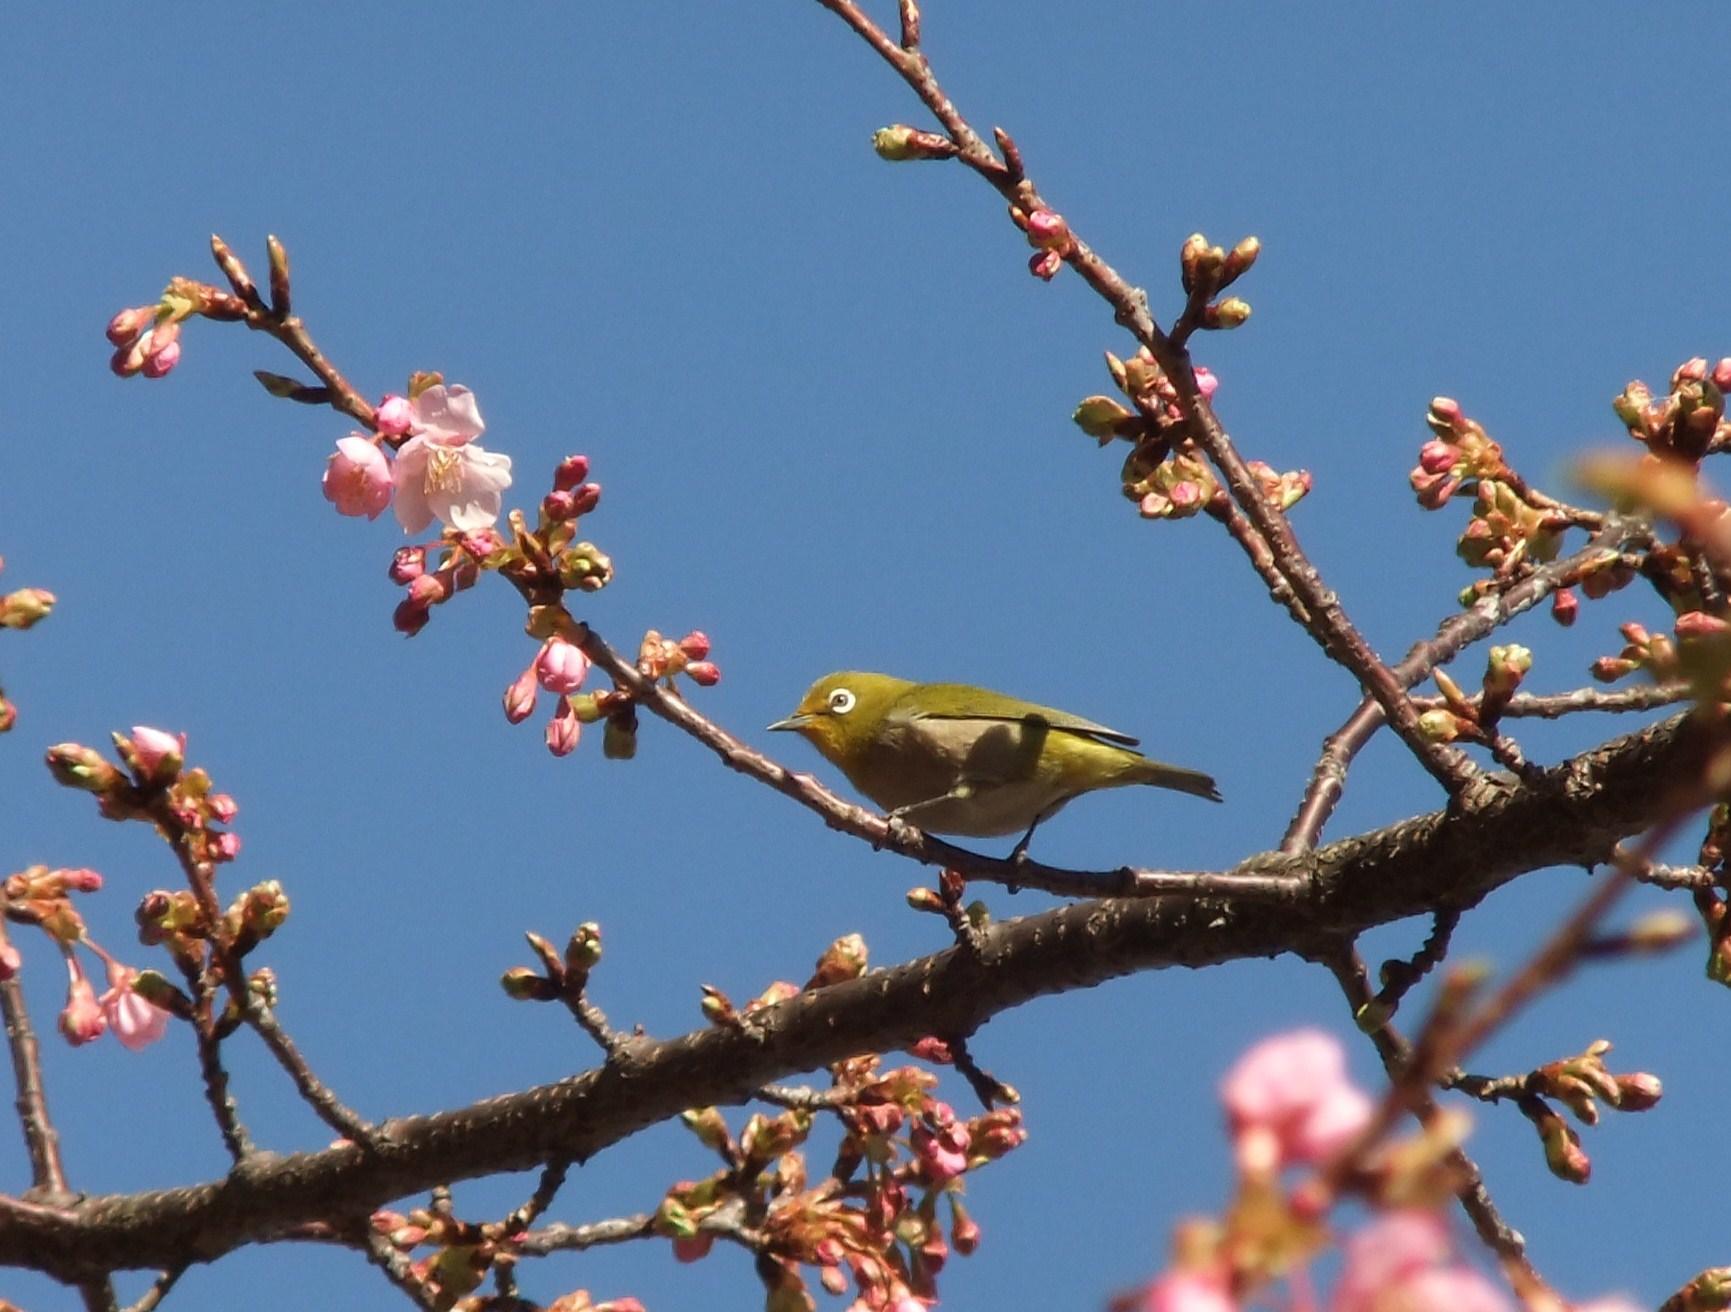 桜の花も咲いて..もうすぐ春です。_b0137932_16150371.jpg